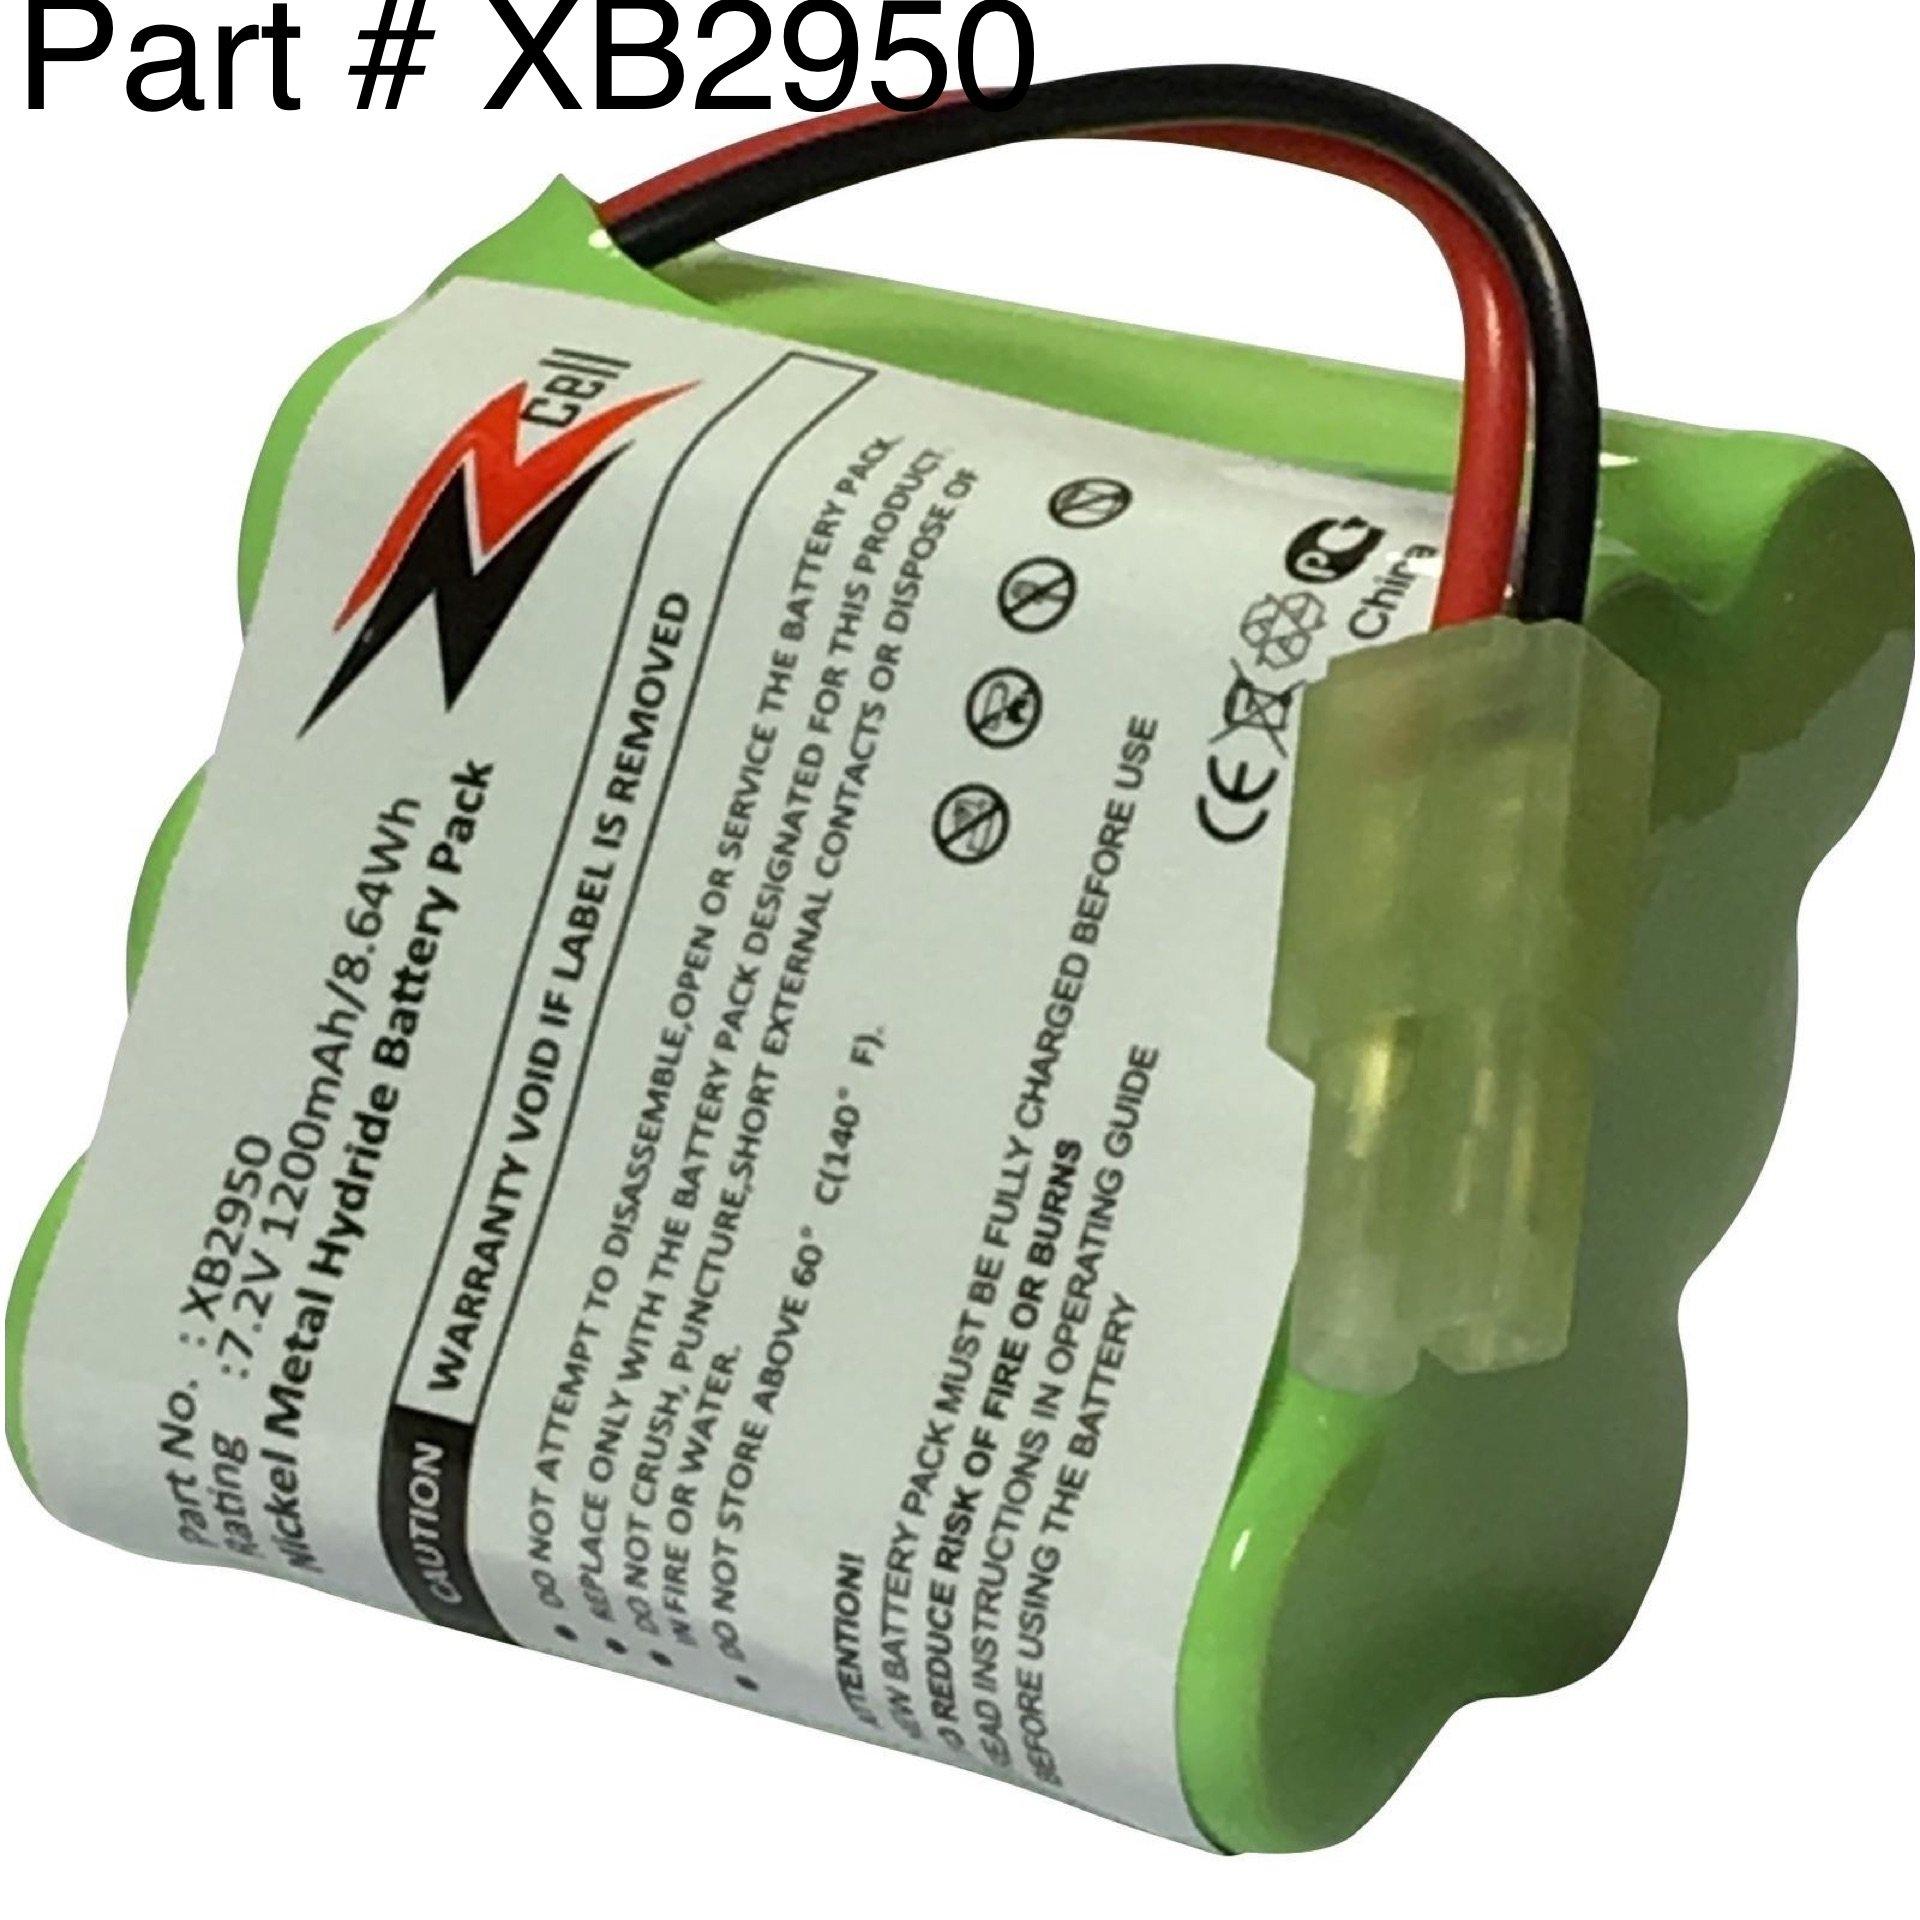 ZZcell Battery For Euro Pro Shark Vacuum Carpet And Carpet Sweeper XB2950, V2945, V2945Z, V2950, V2950A 1200mAh by ZZcell